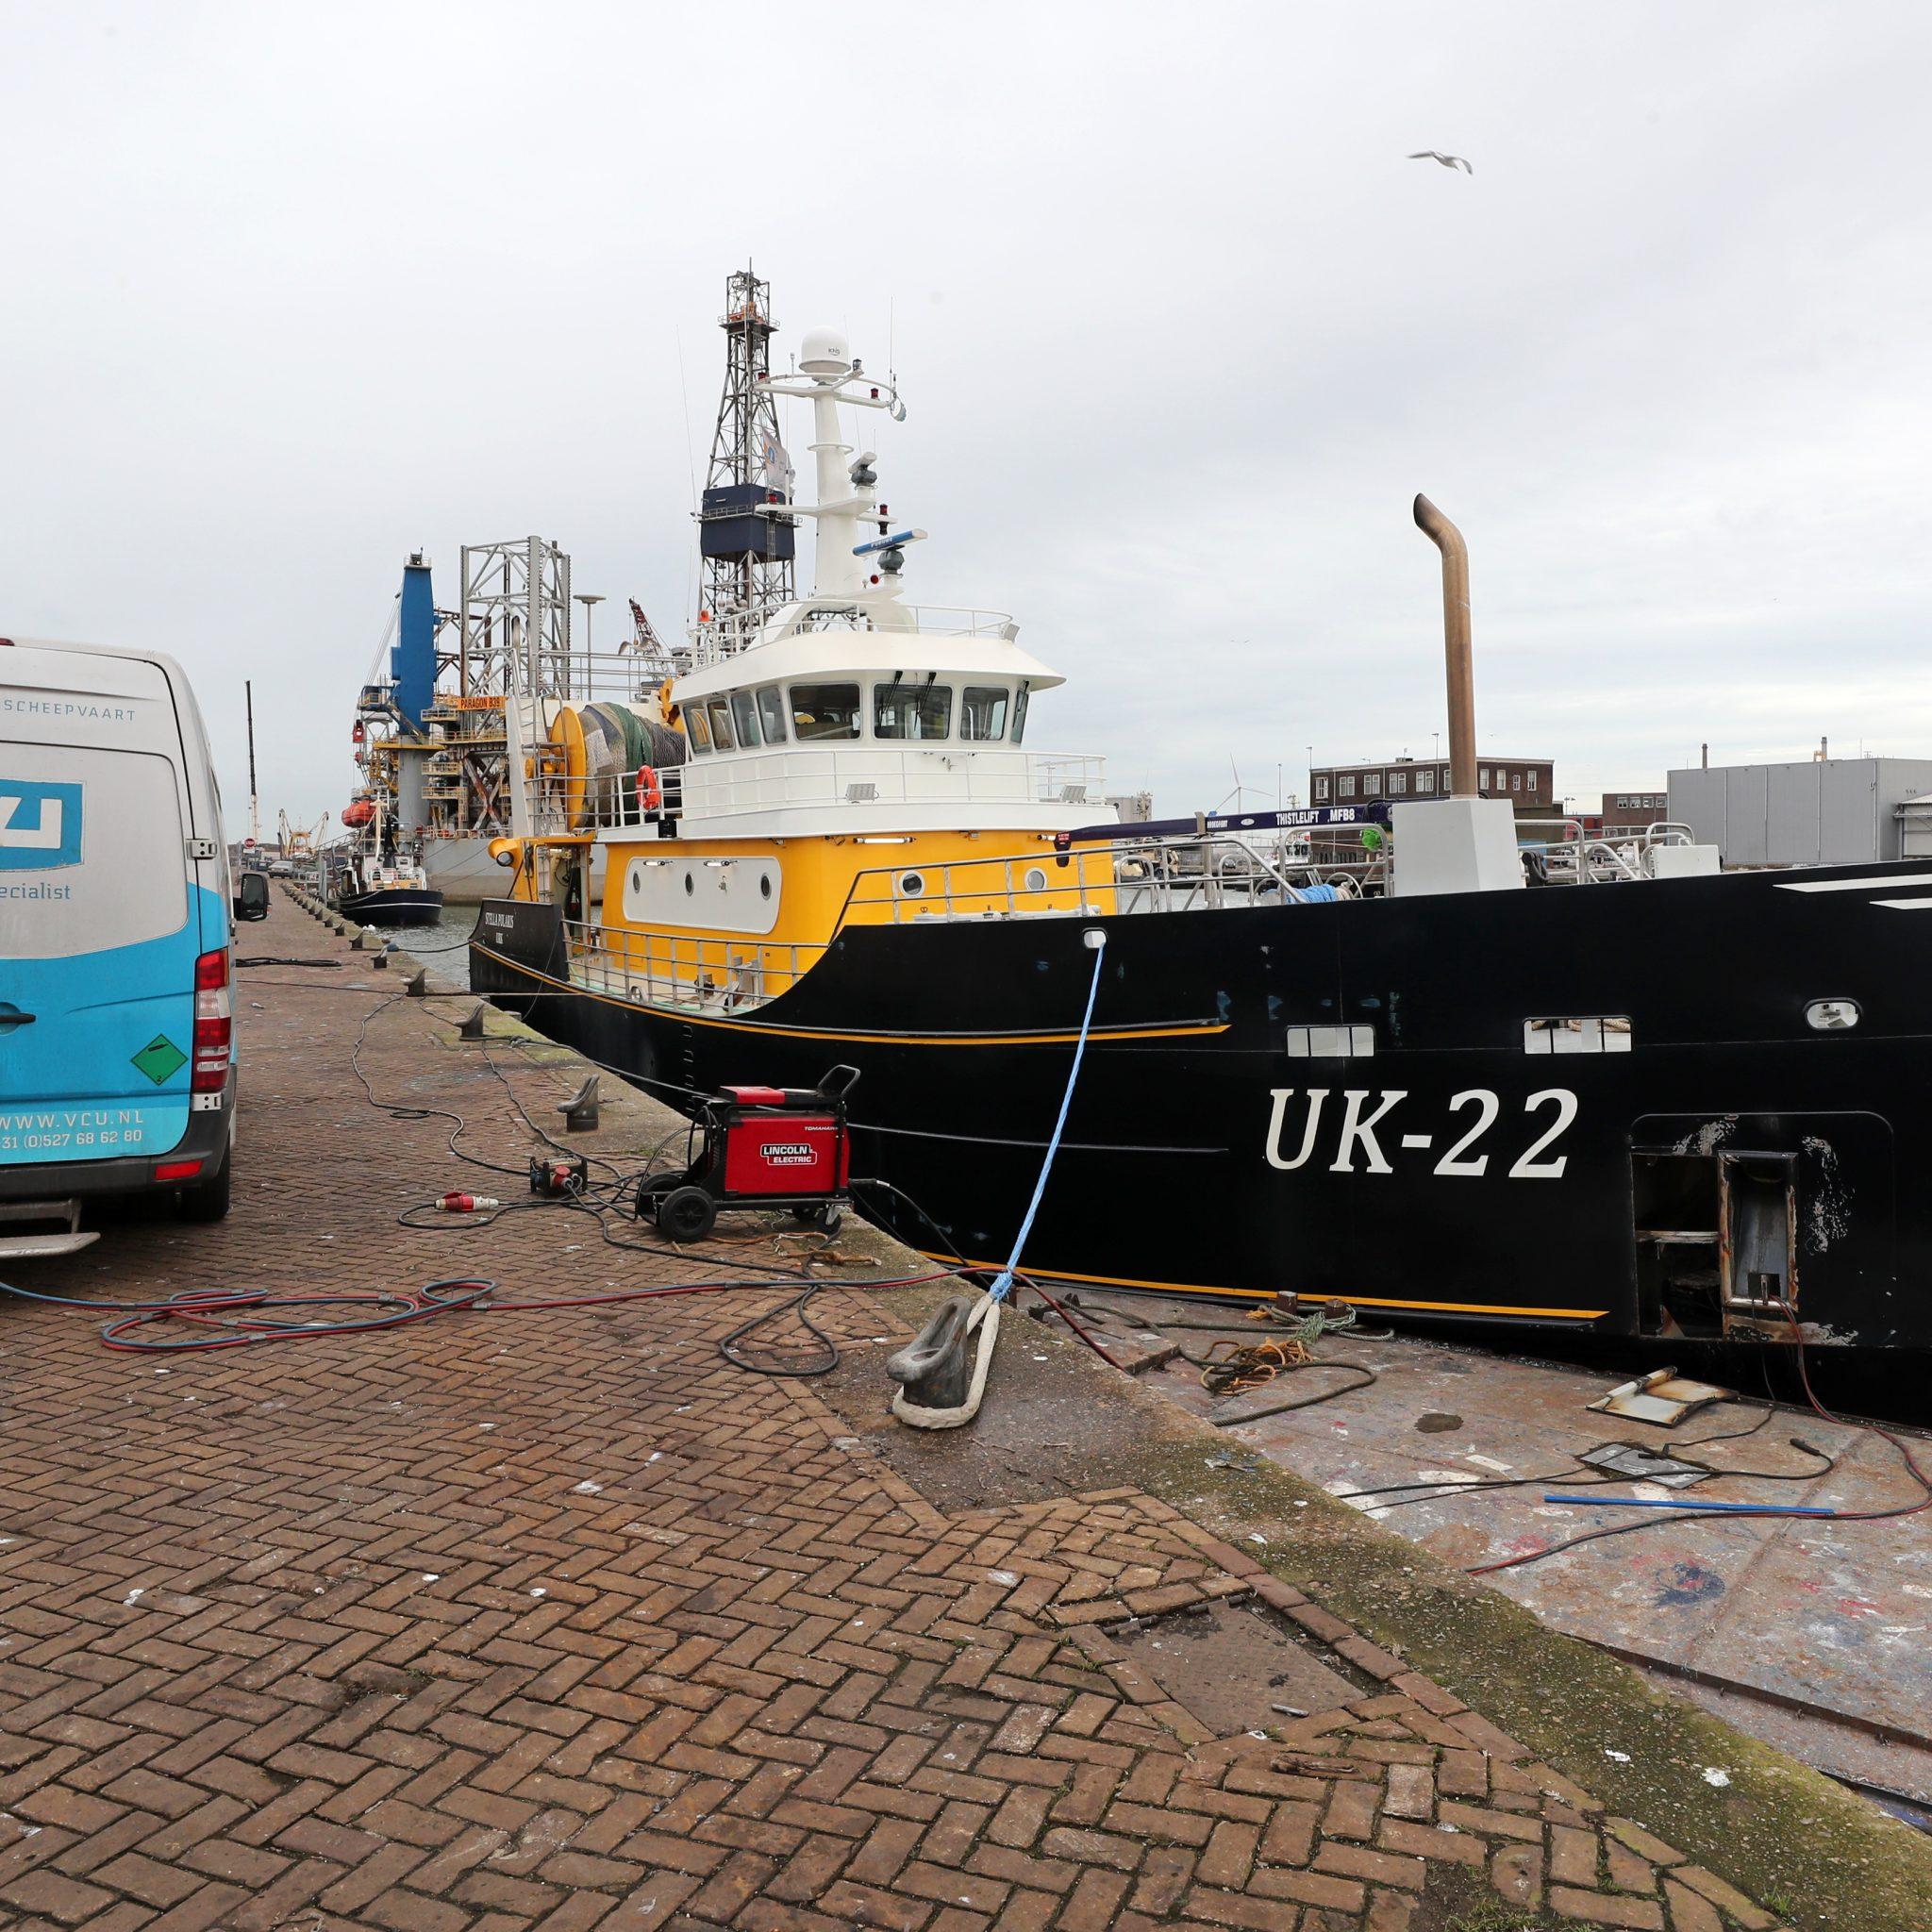 De UK-22 voor de kant in IJmuiden waar de schade door VCU-TCD zal worden hersteld. Foto: Bram Pronk